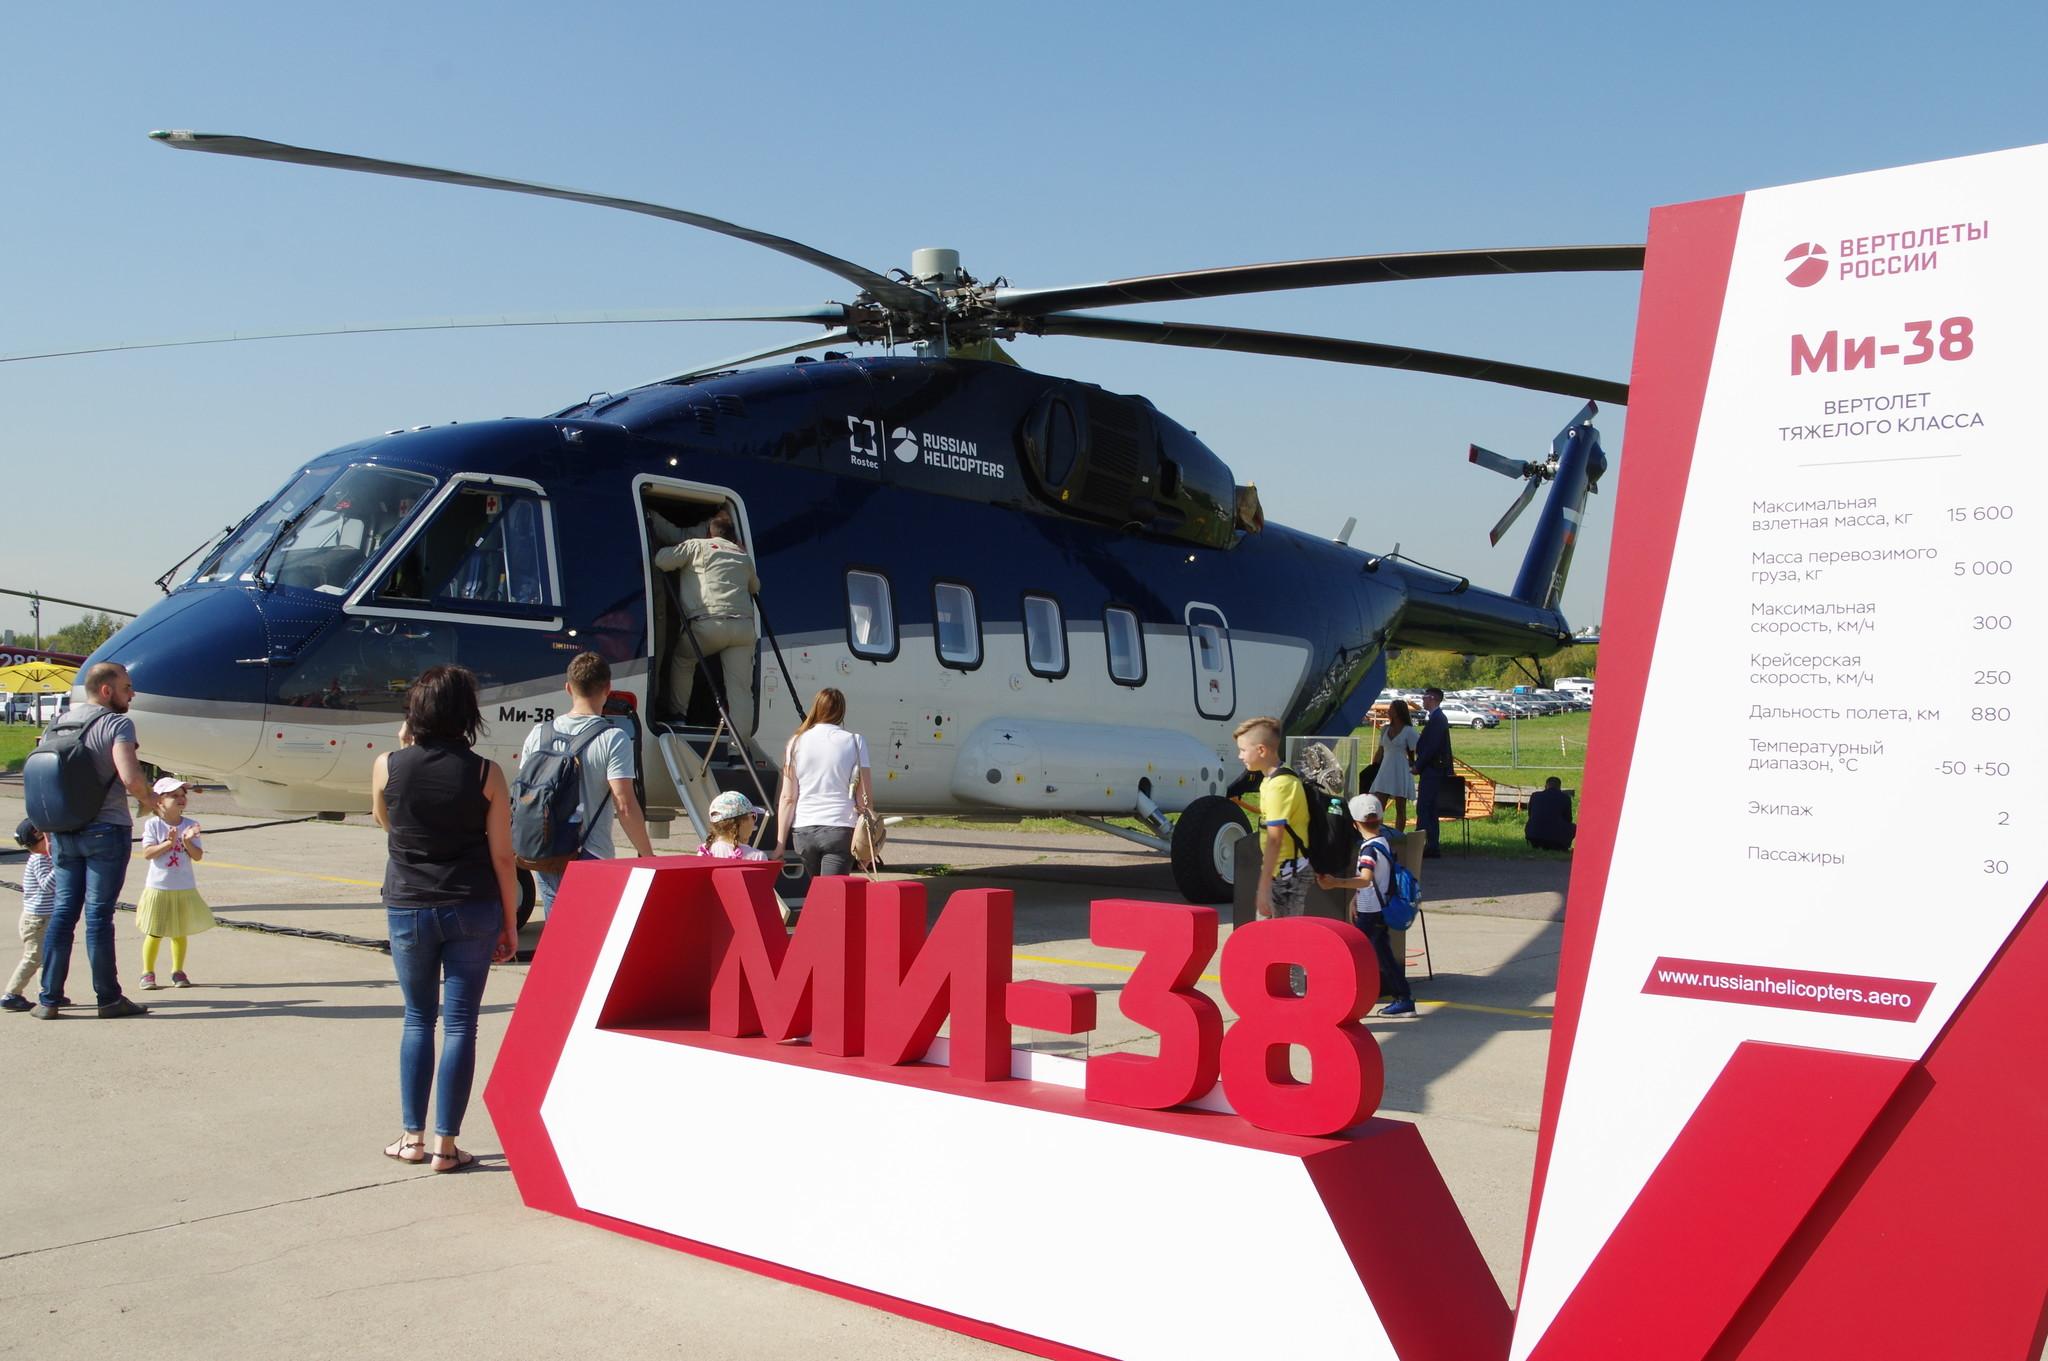 Первый серийный вертолёт Ми-38 с салоном повышенной комфортности на МАКС-2019